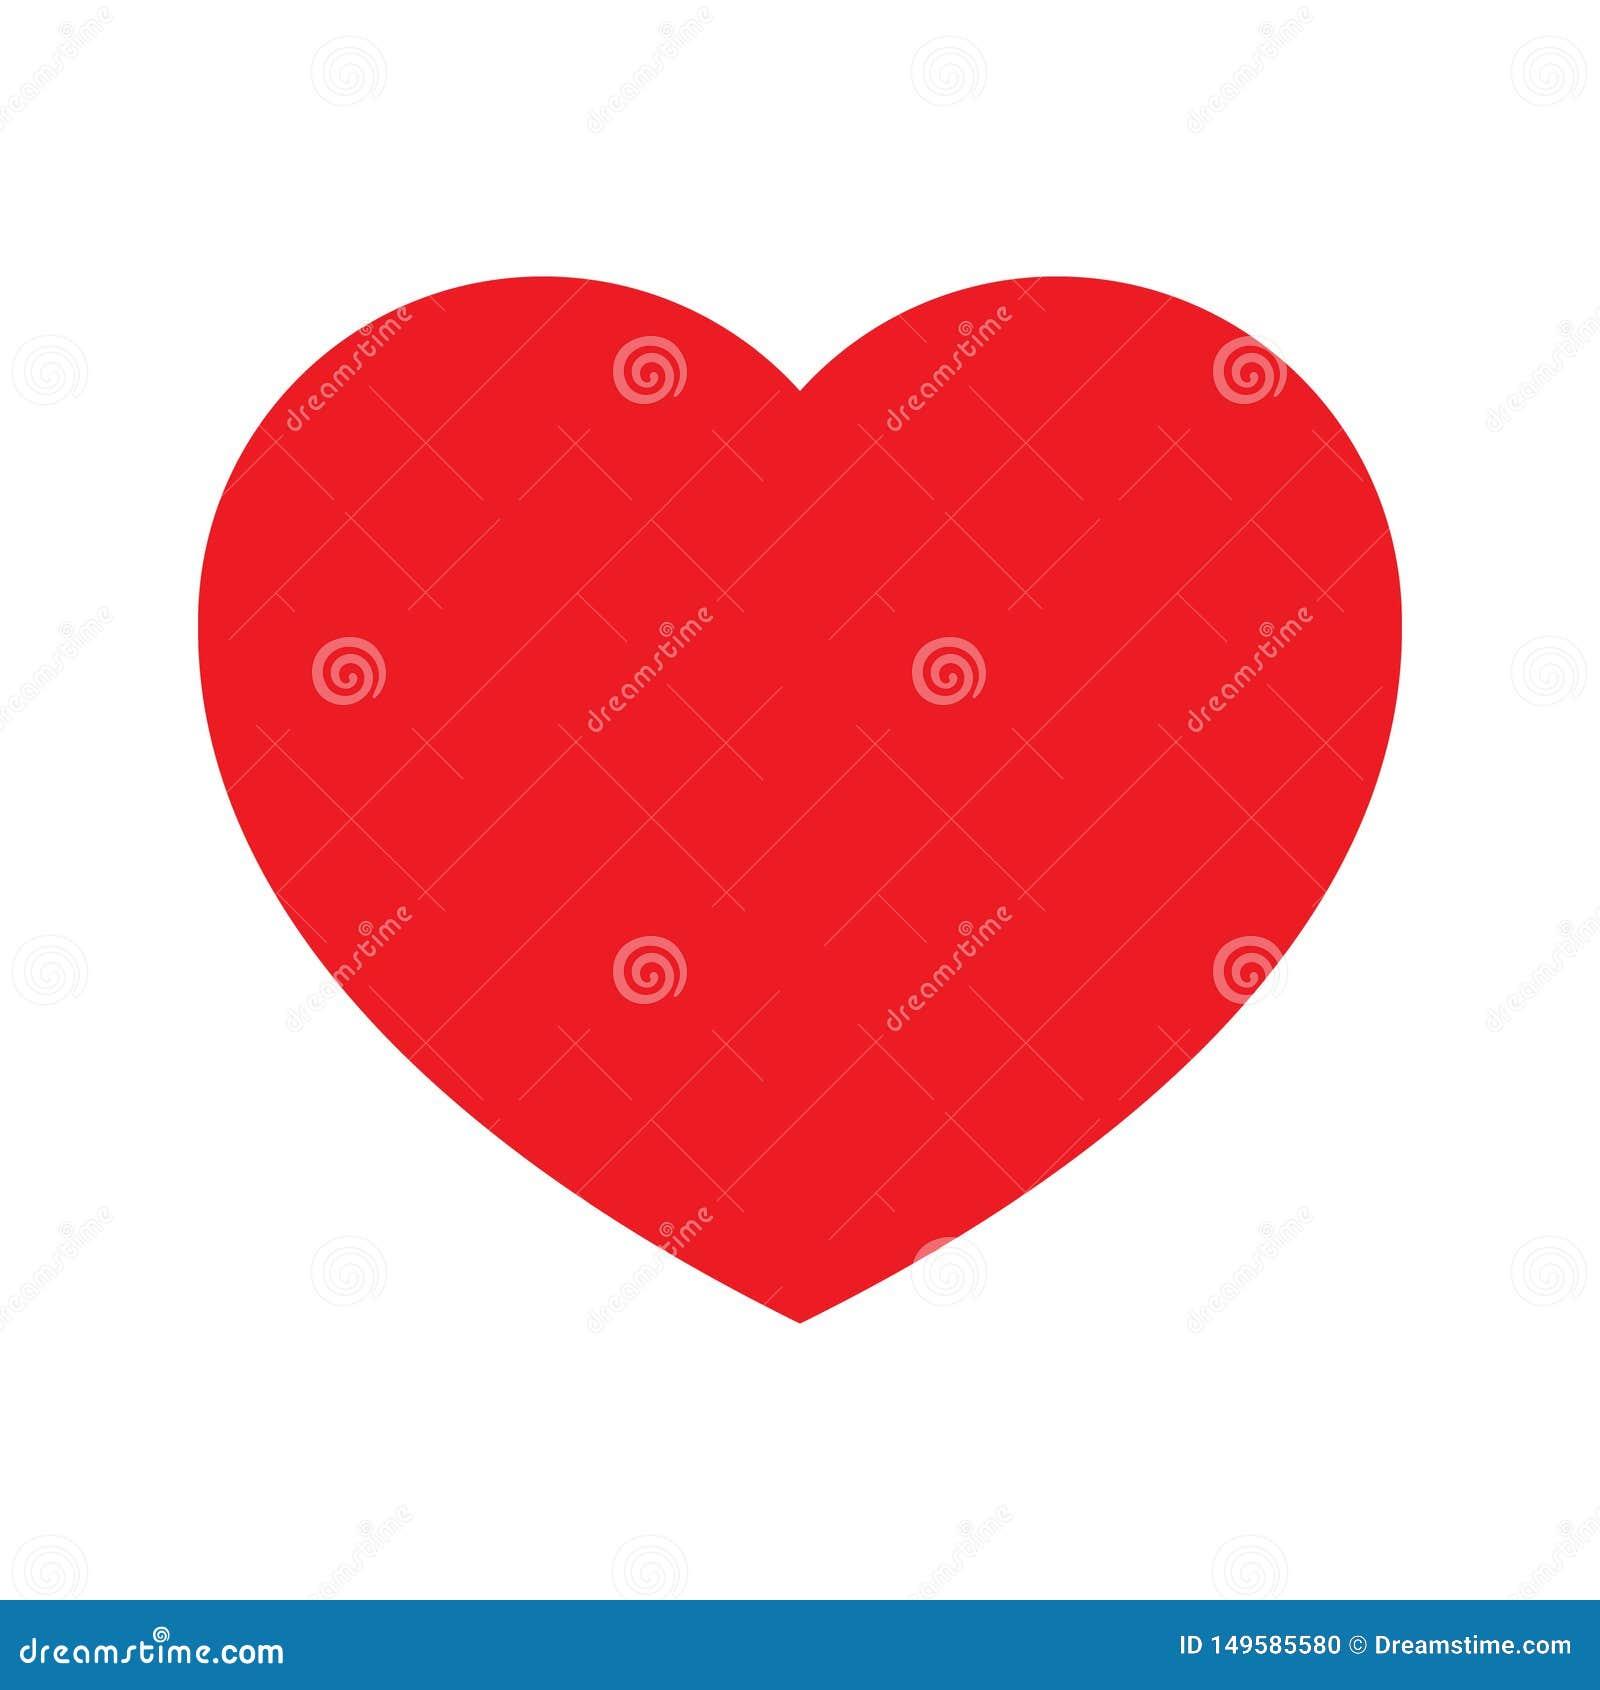 Heart logo for romance